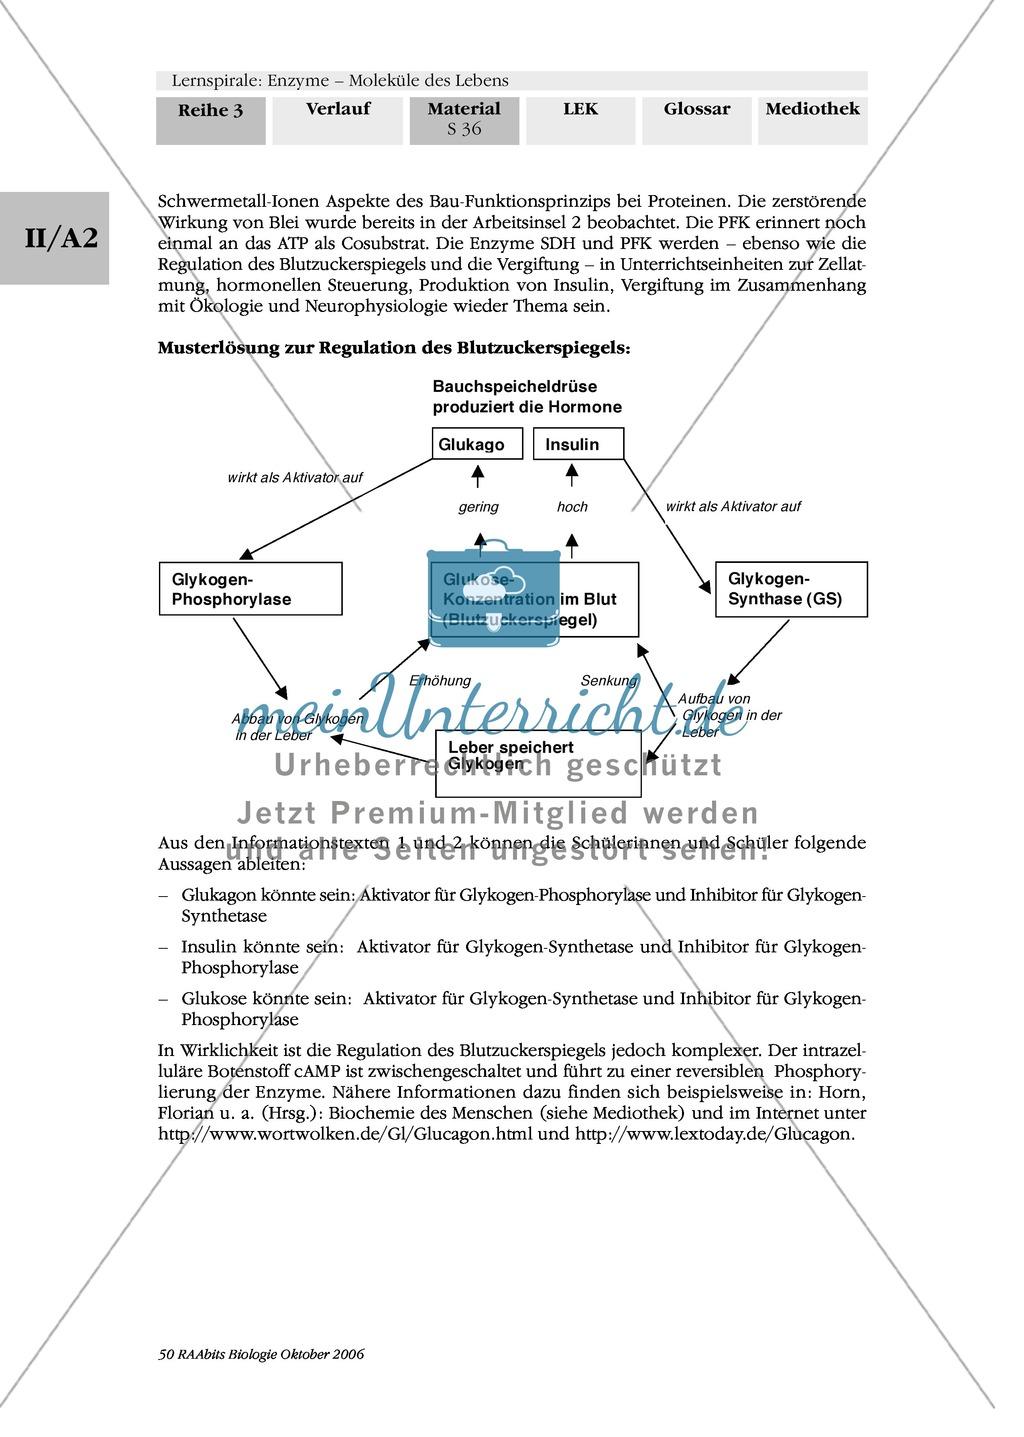 Enzyme: Arbeitsinseln zu den Themen Stoffwechsel, Enzymreaktionen, Hemmstoffe, Cofaktoren, Regulation Preview 28